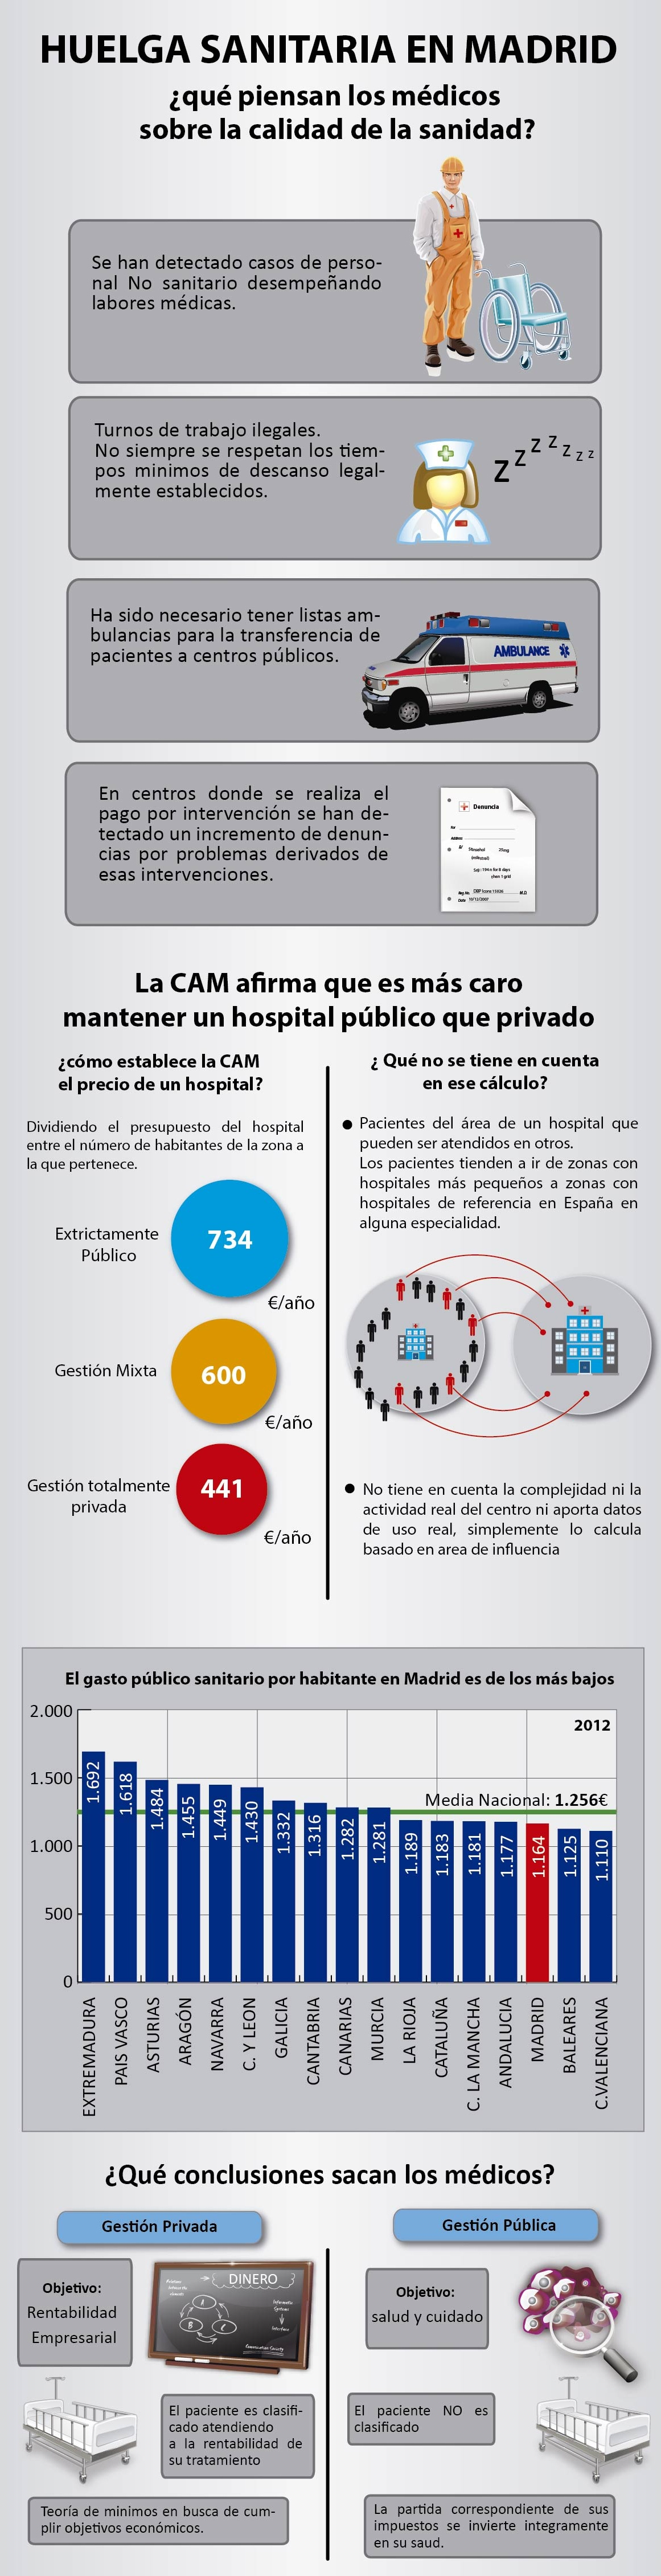 Huelga sanitaria en Madrid (1)